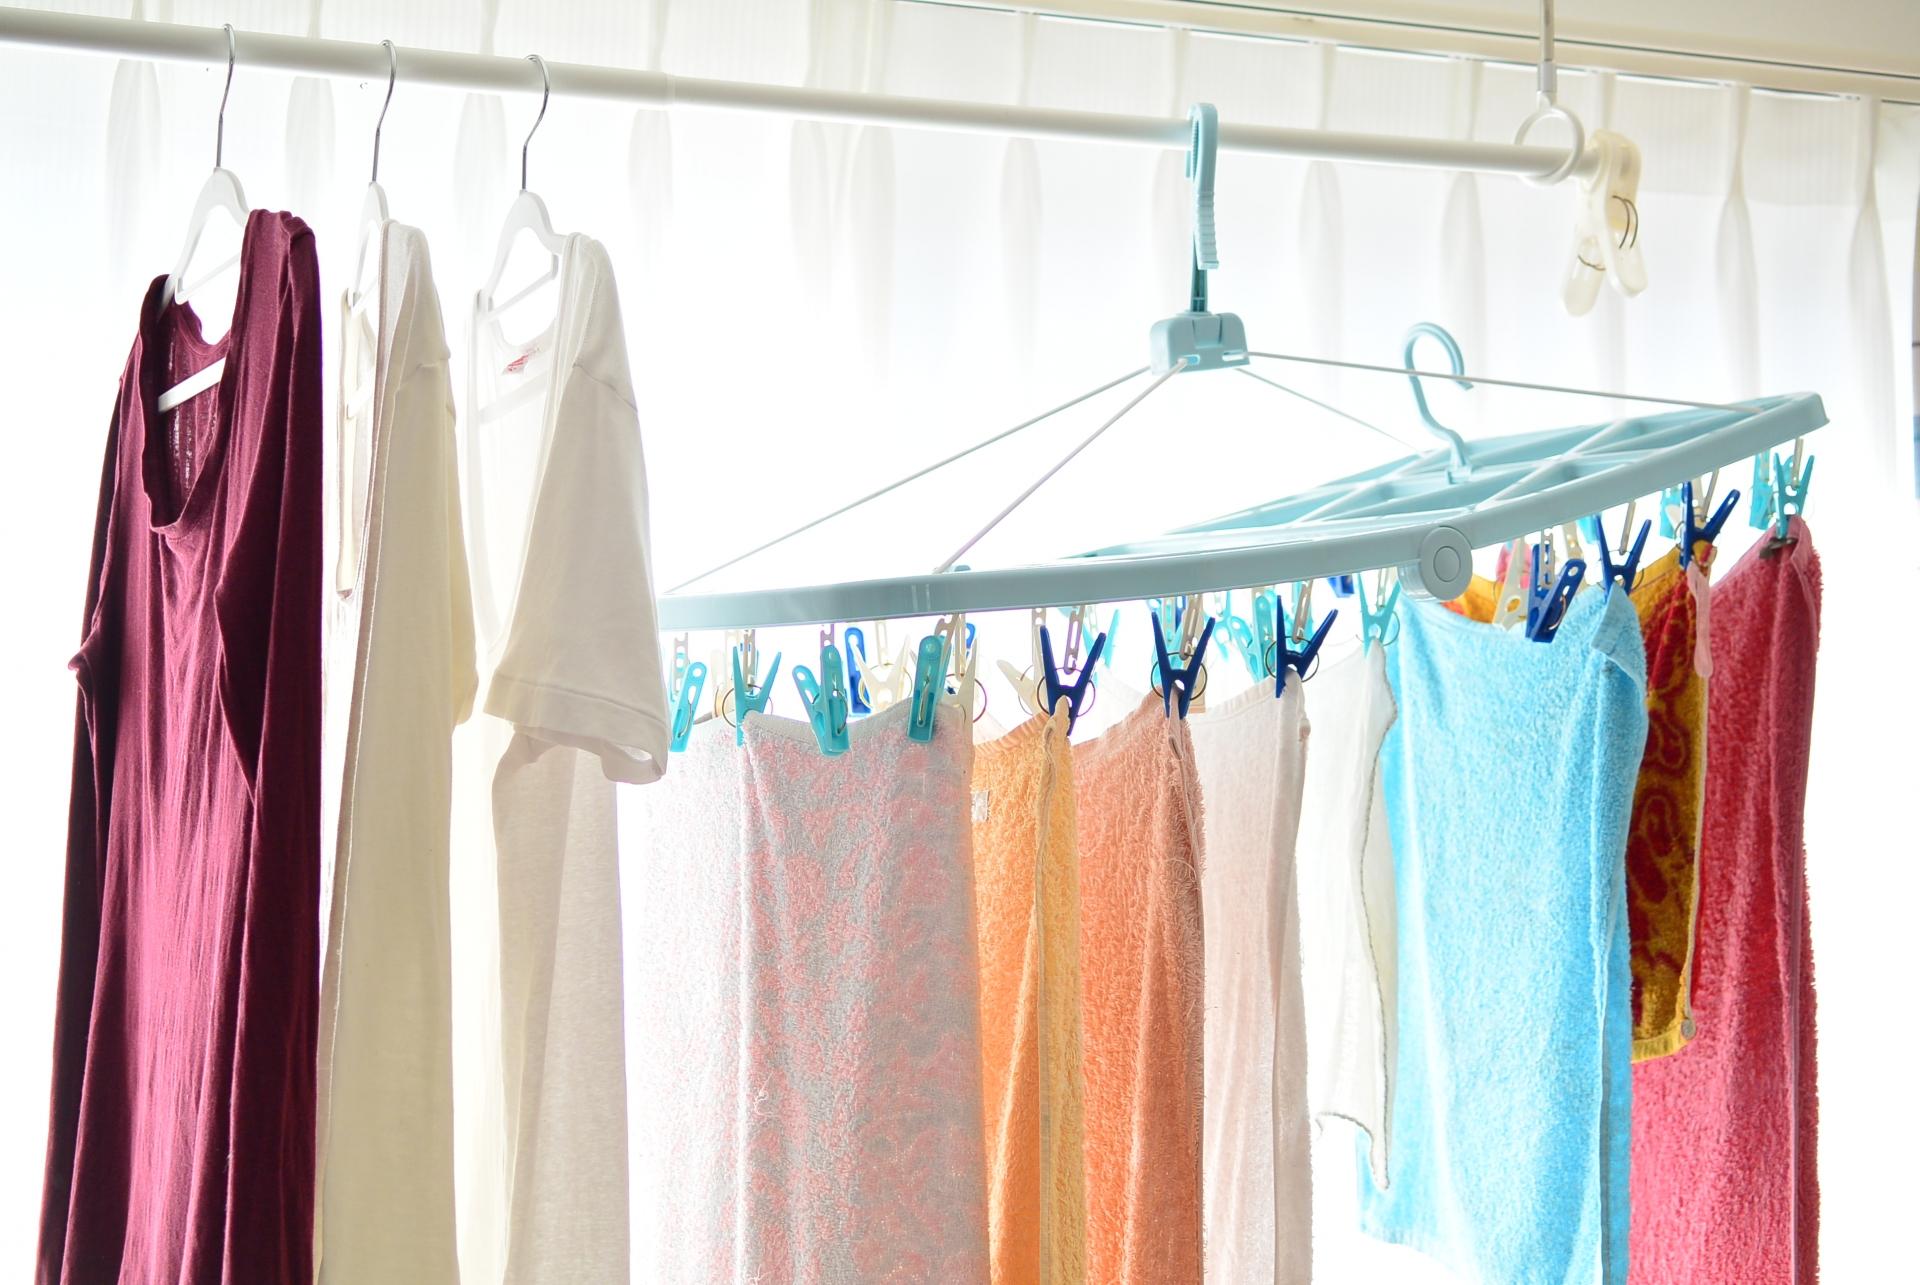 ラク家事動線の作り方。洗濯物を楽にする動線の考え方